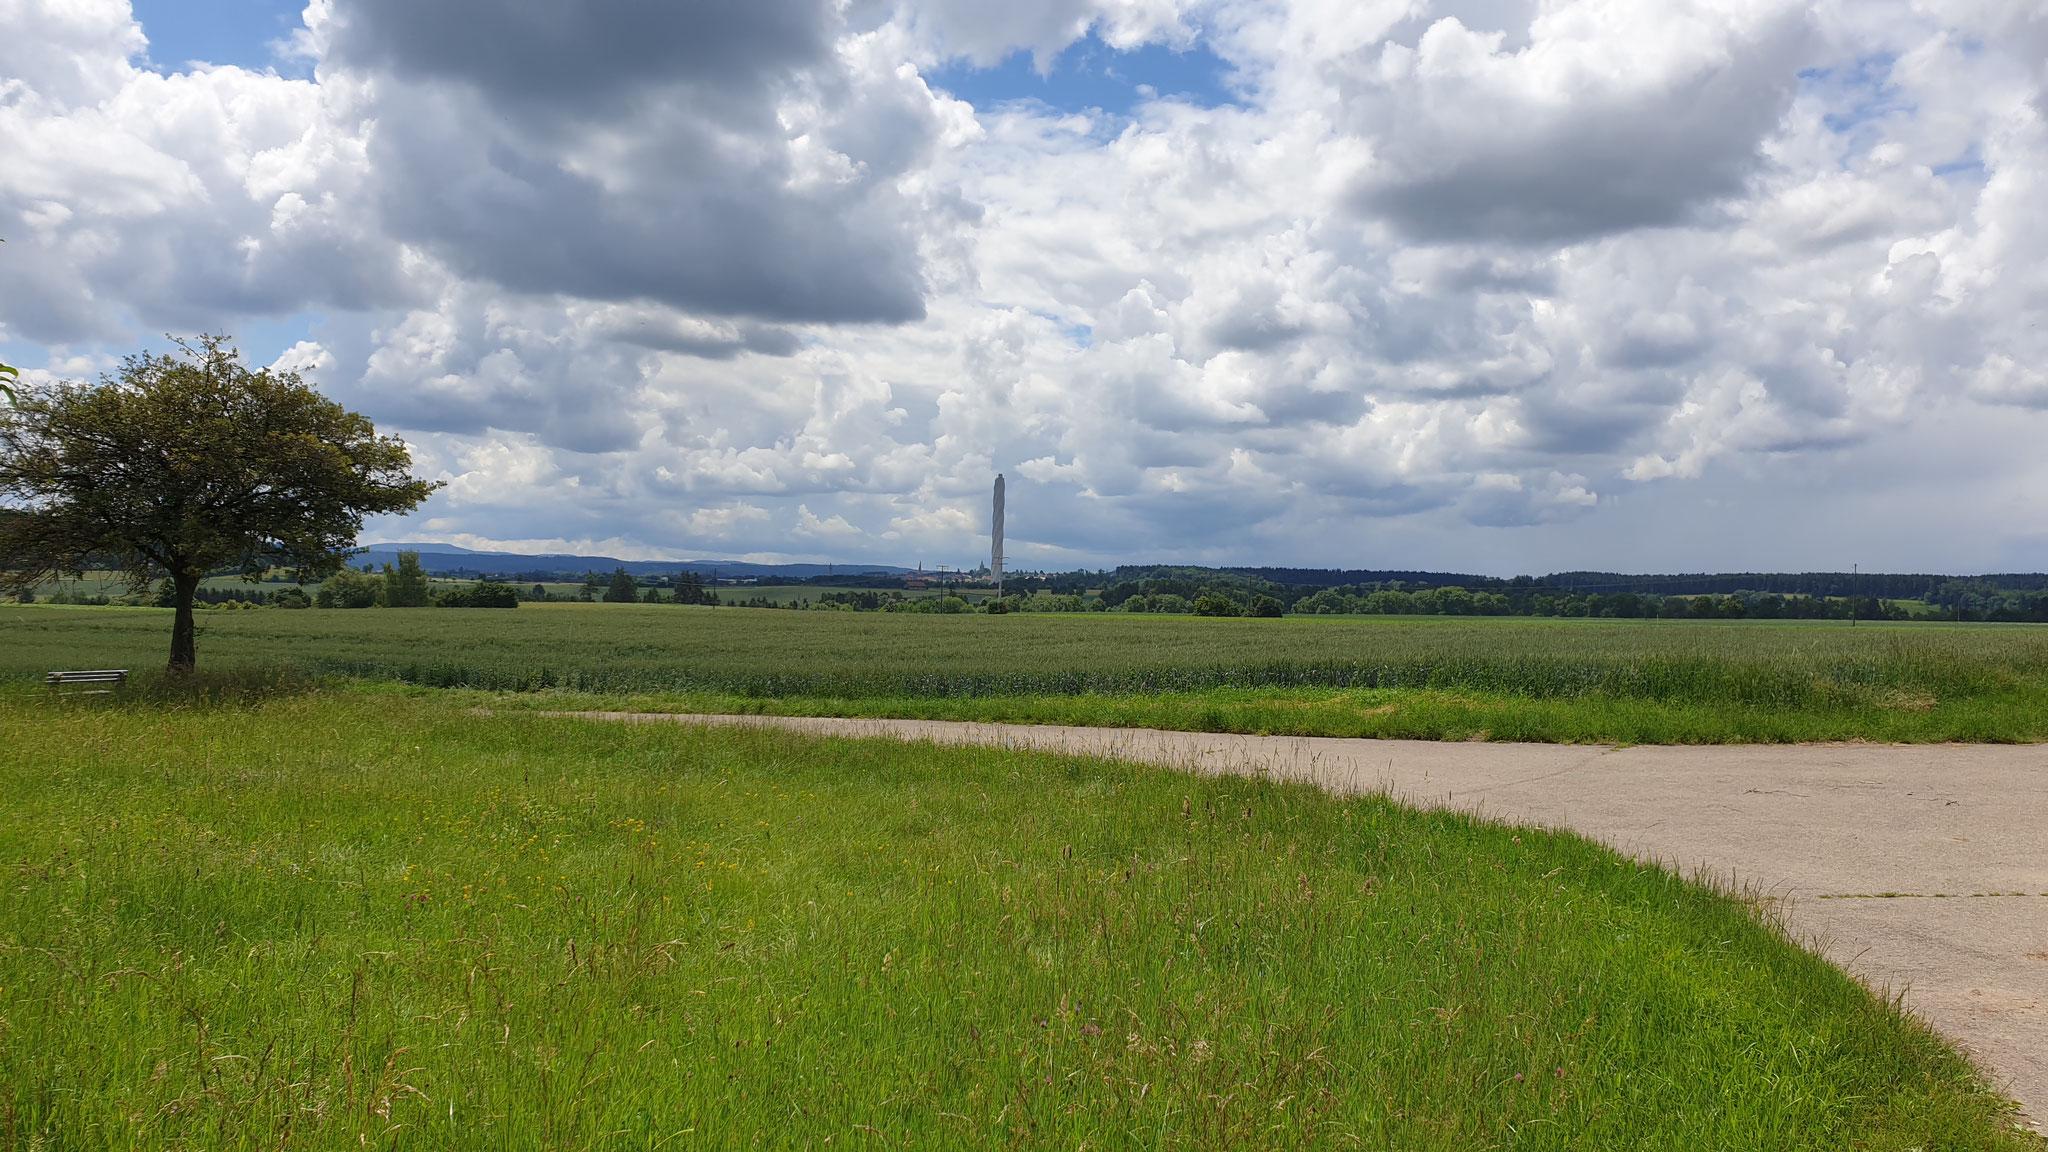 Der Thyssen-Krupp-Turm in der Ferne